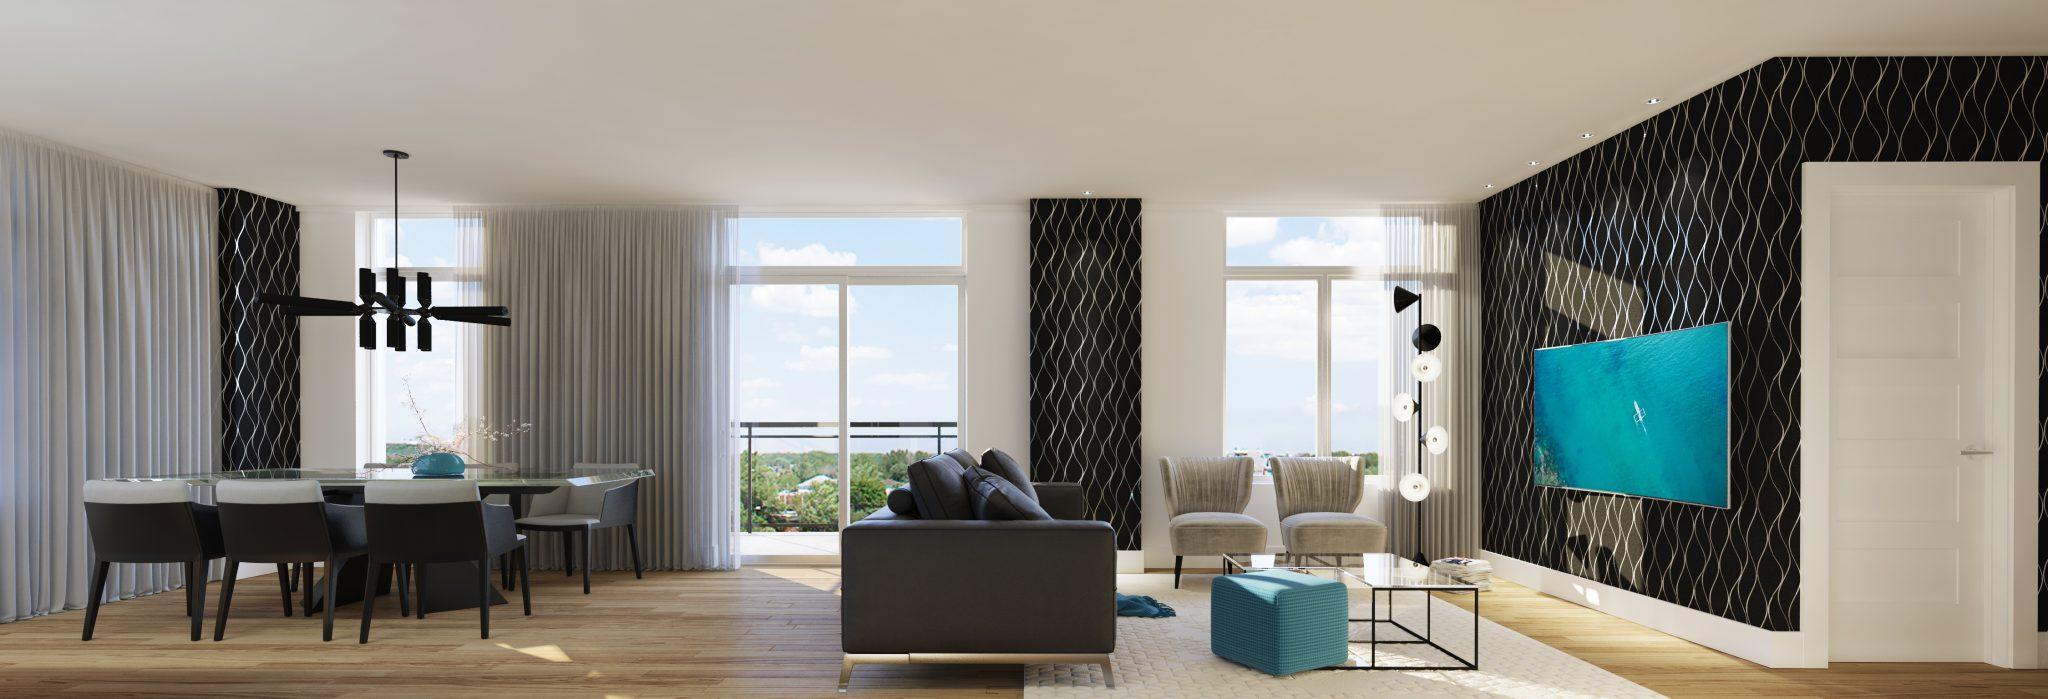 Penthouse - Condos neufs a vendre a Mirabel | Skyblu Condos